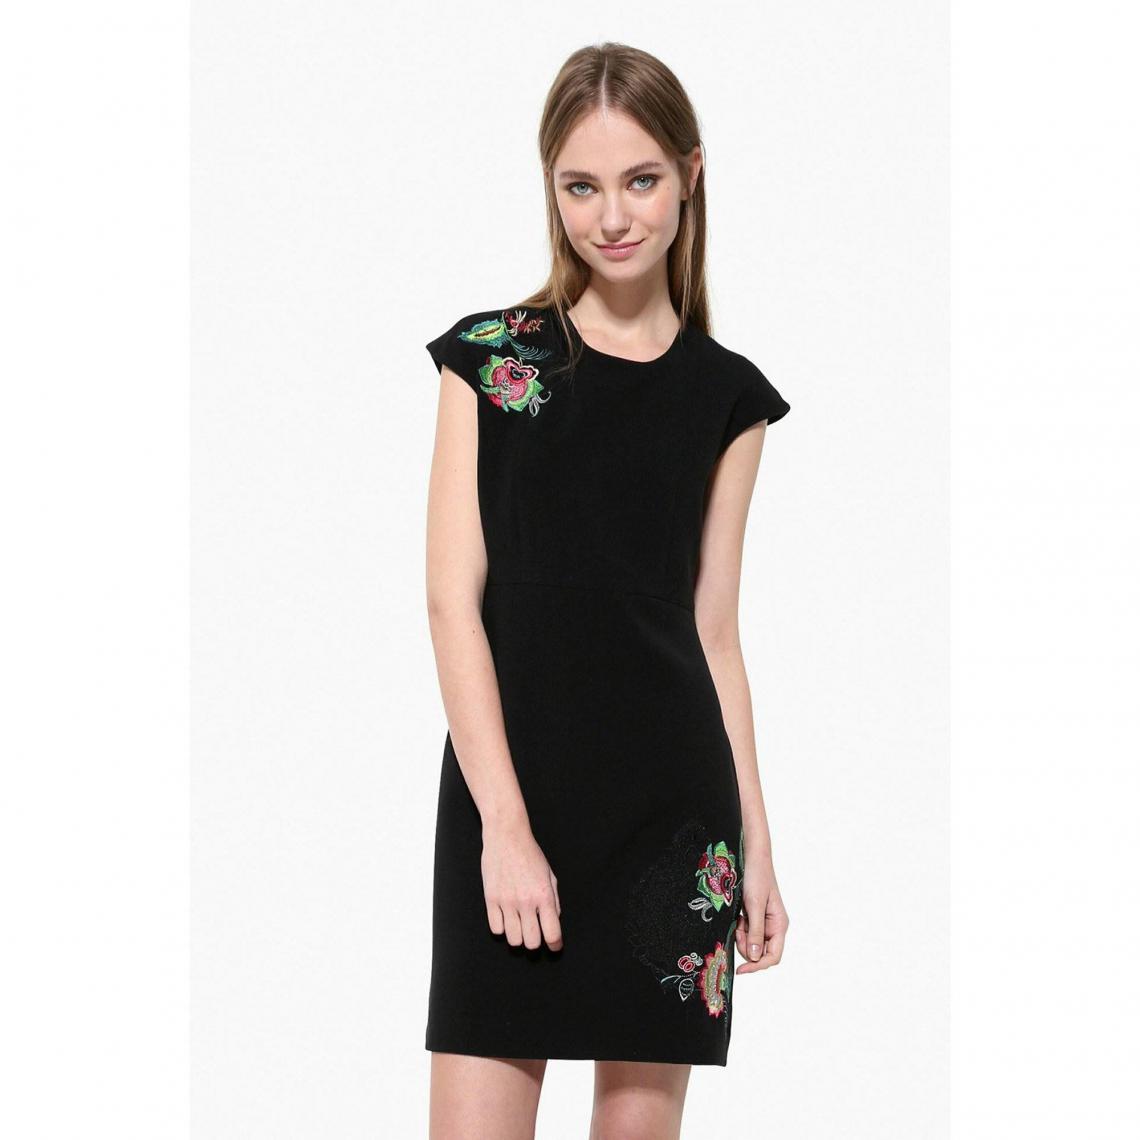 Robe courte col rond sans manche broderie florale femme Desigual - Noir - 3Suisses